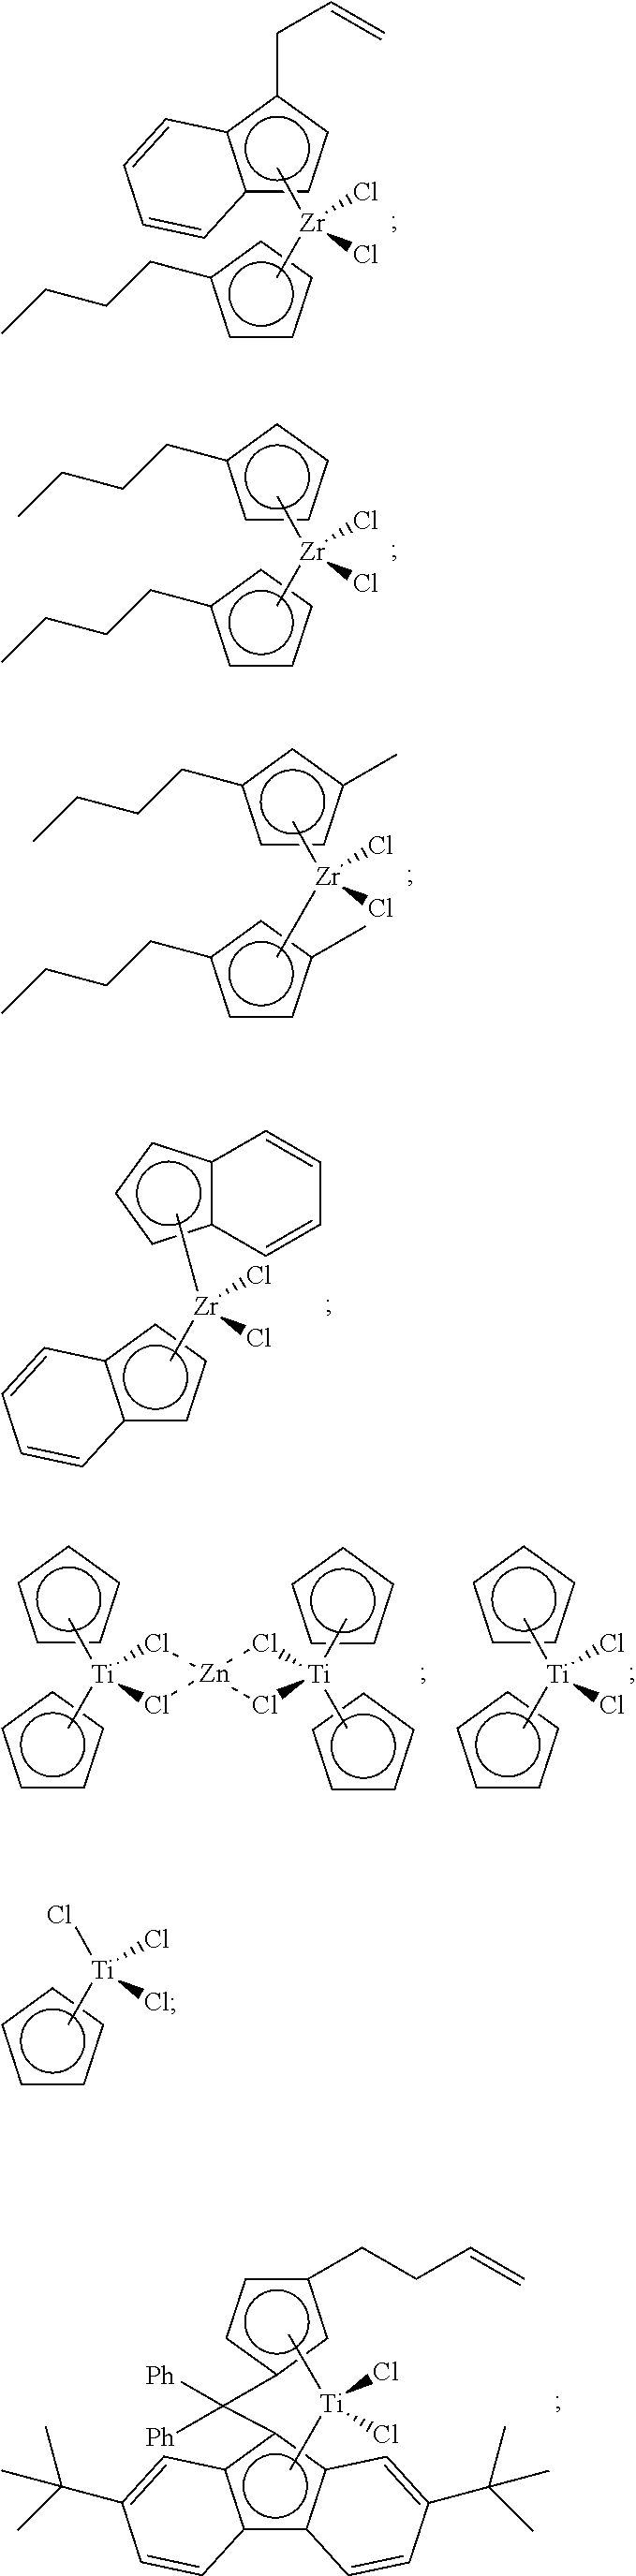 Figure US08329834-20121211-C00033